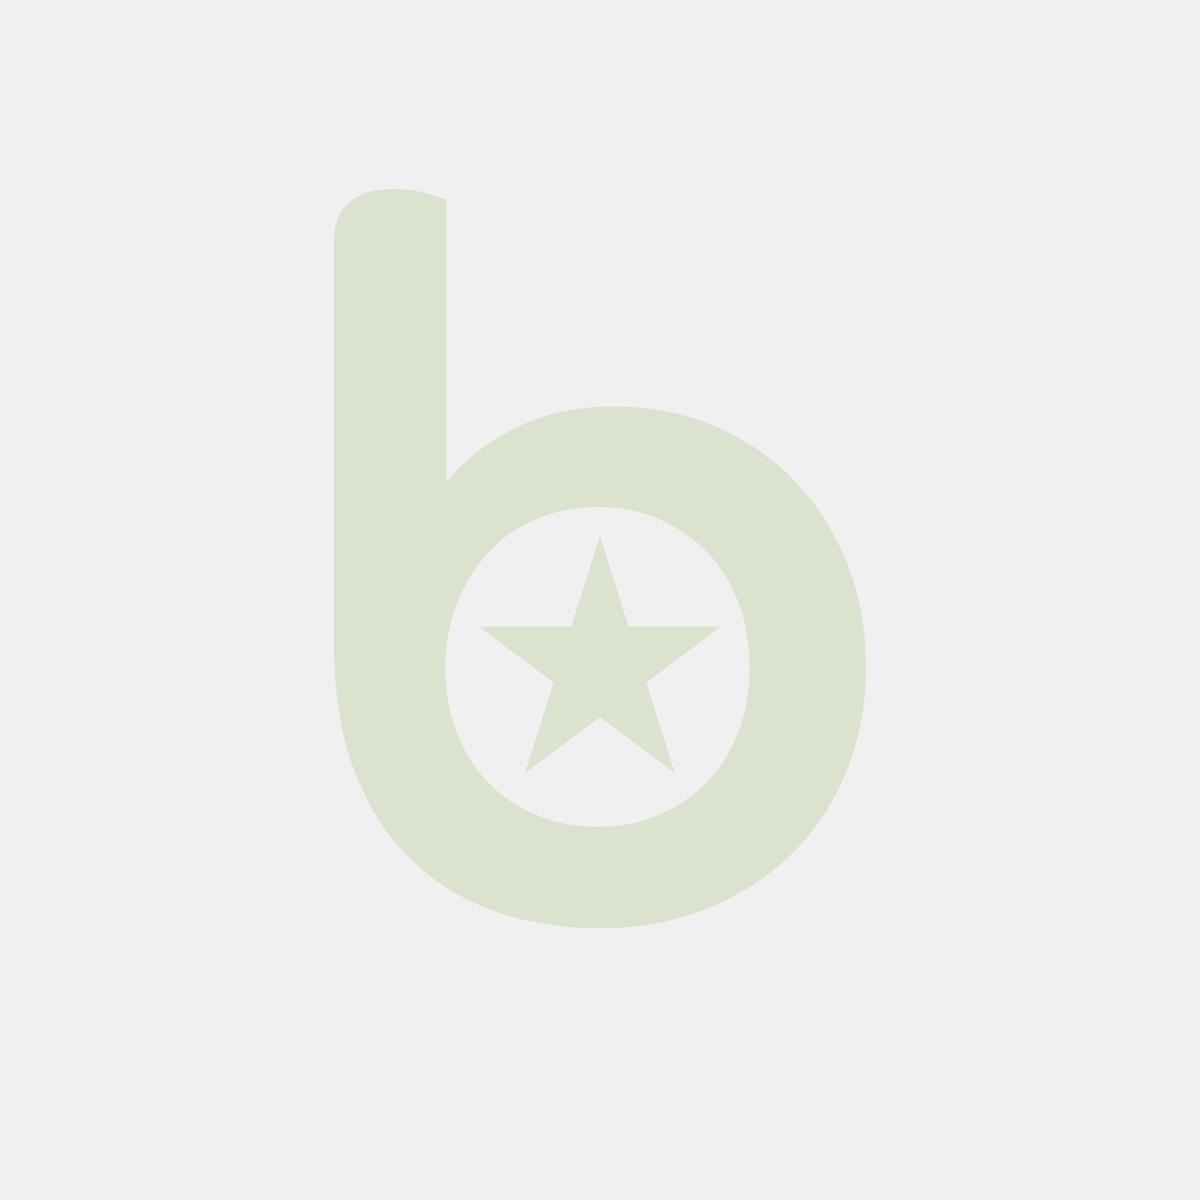 Pojemnik do zgrzewu biały K 180/35, czarny, 180x180x35, cena za opakowanie 100szt